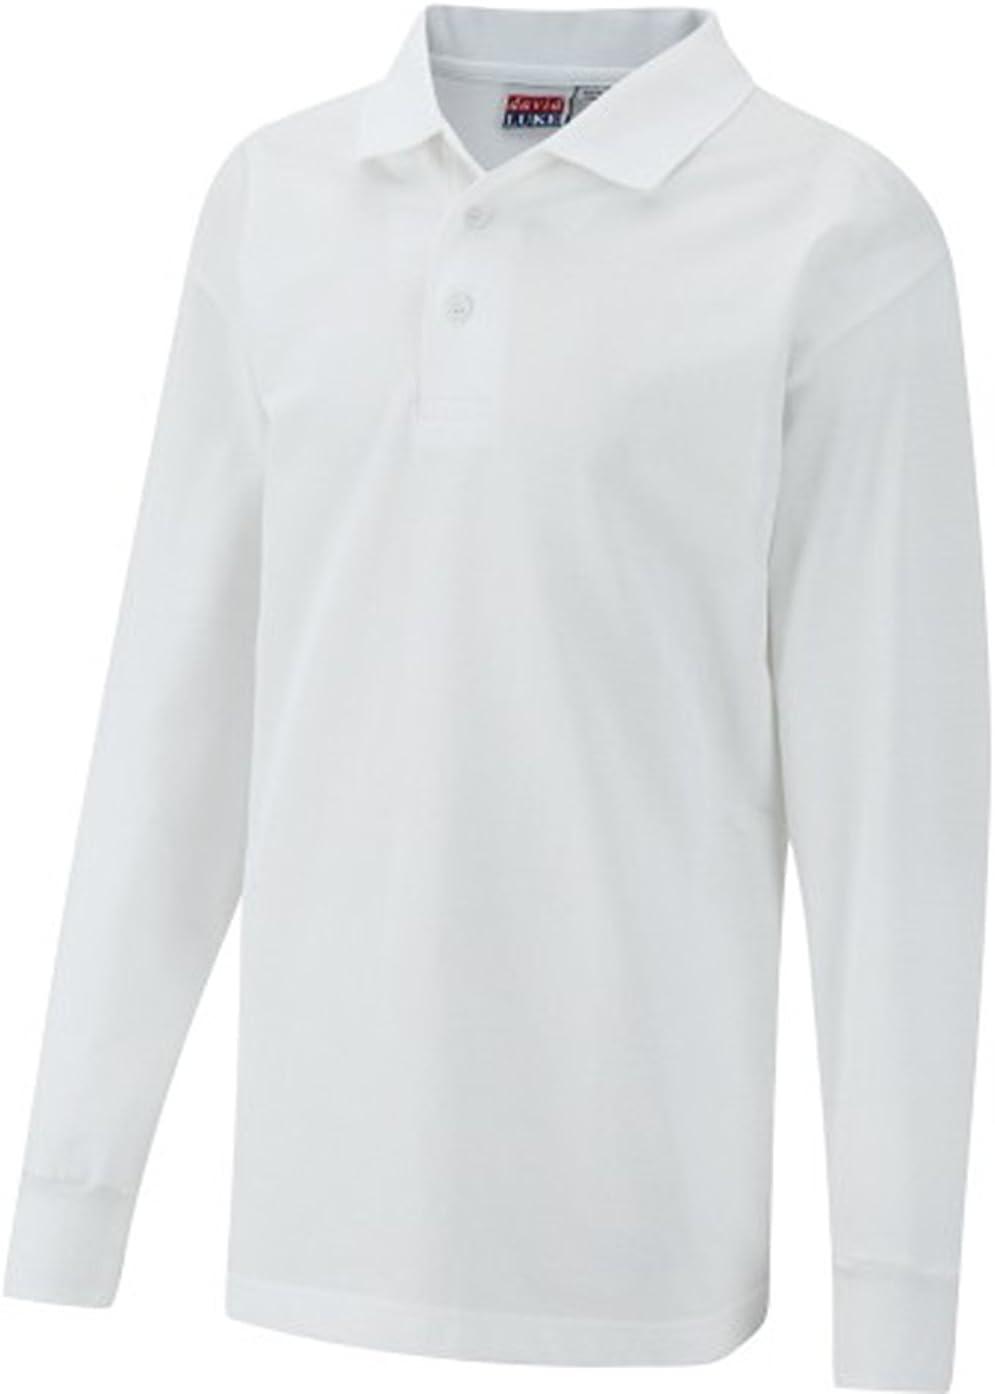 Schoolwear Infantil diseño de Kimono de Camiseta del Equipo de ...